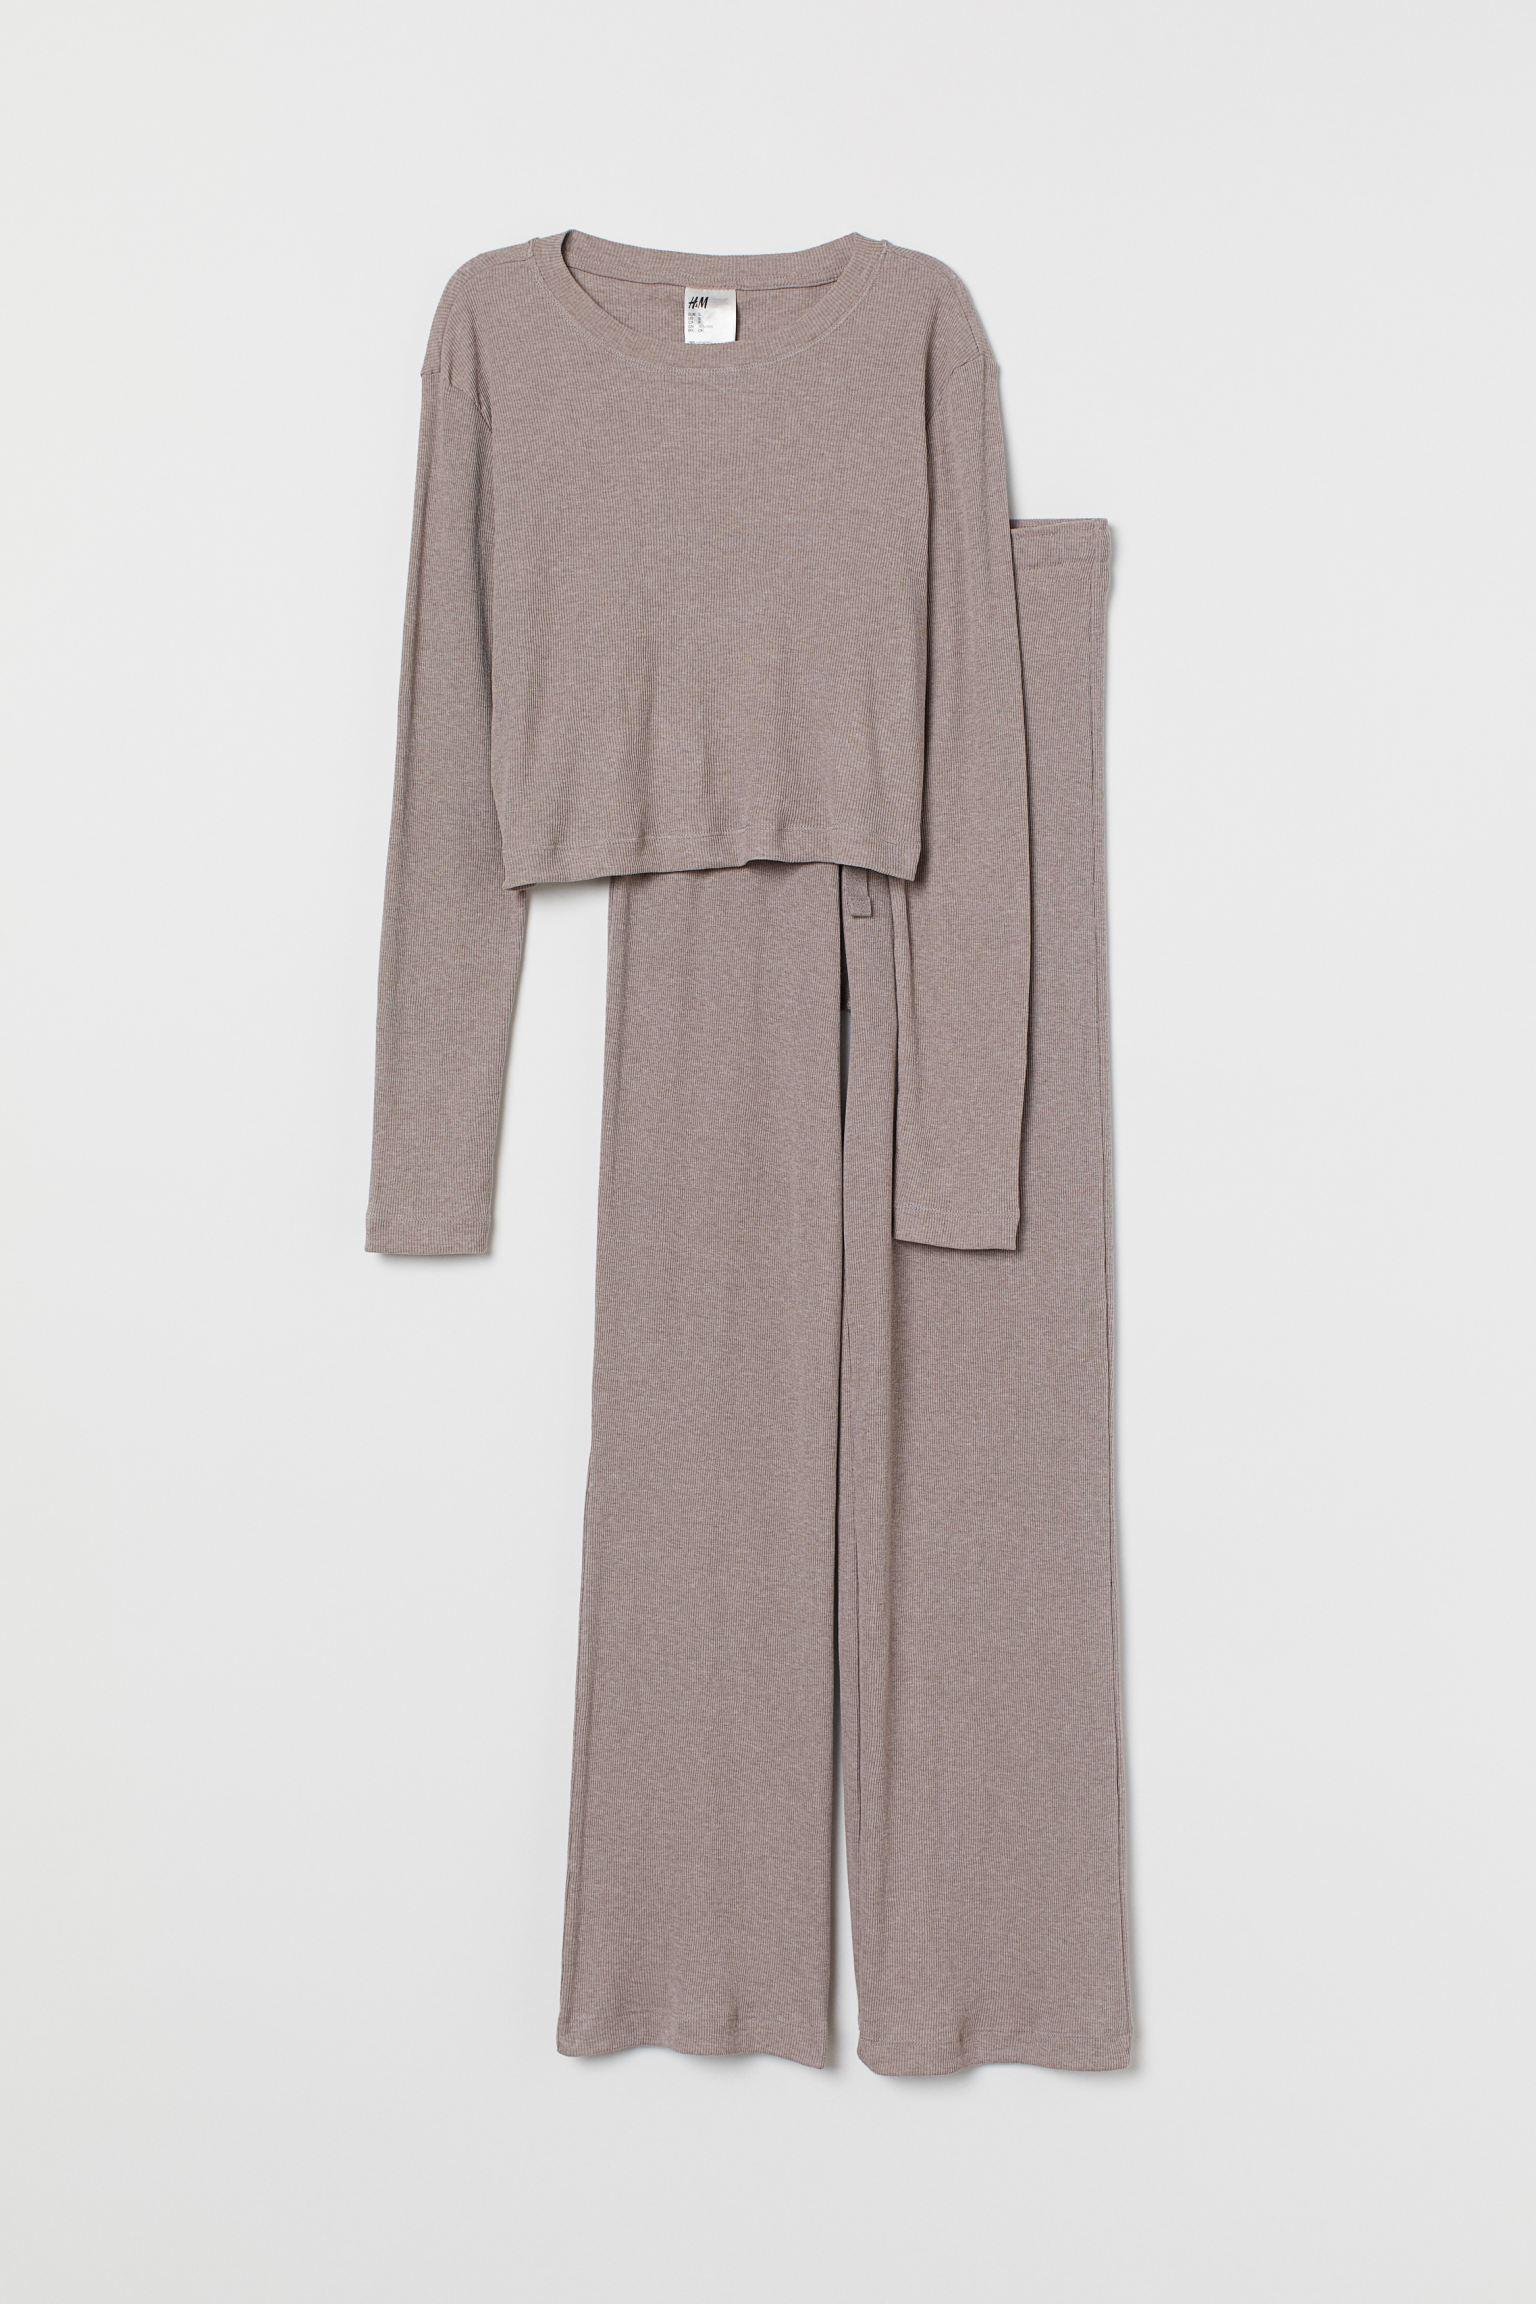 H&M Ribbed Jersey Pajamas